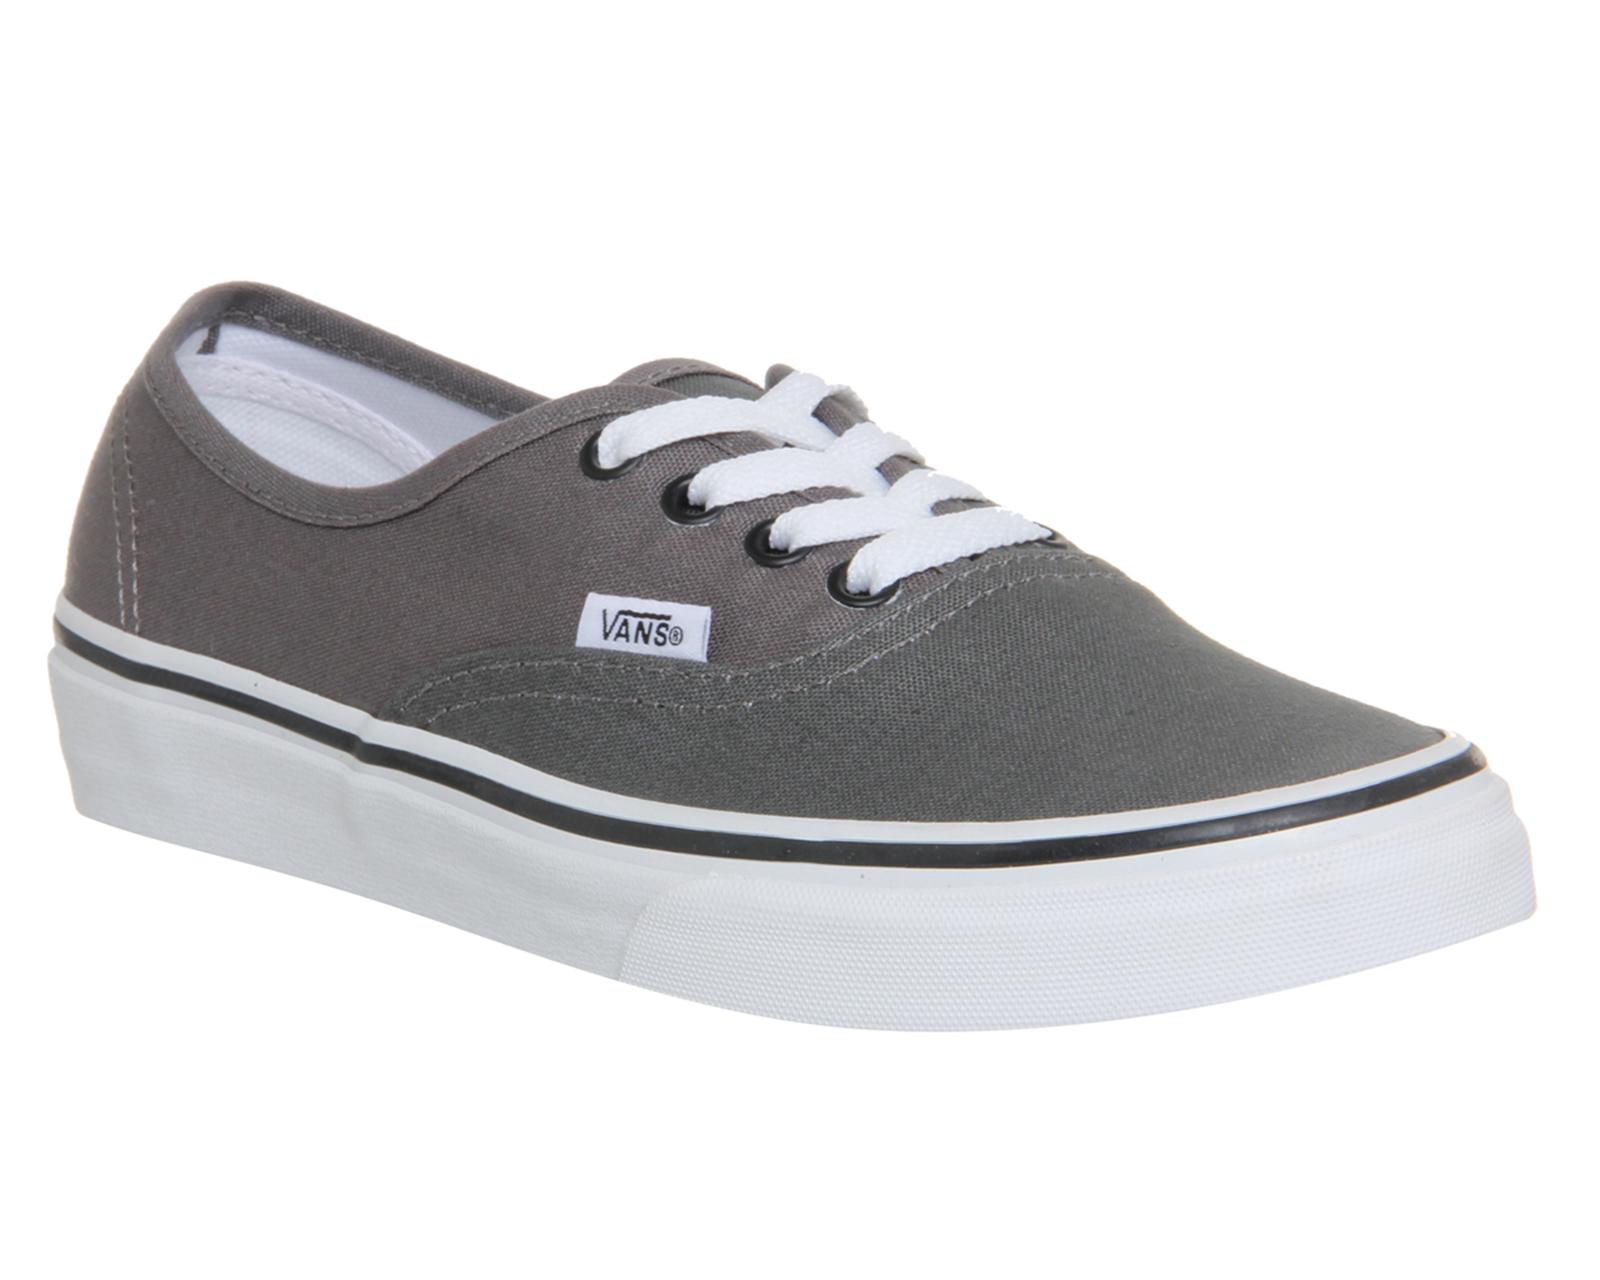 Para Hombre Vans Auténtico Matt Negro Zapatillas Zapatos  aa06abcdf45